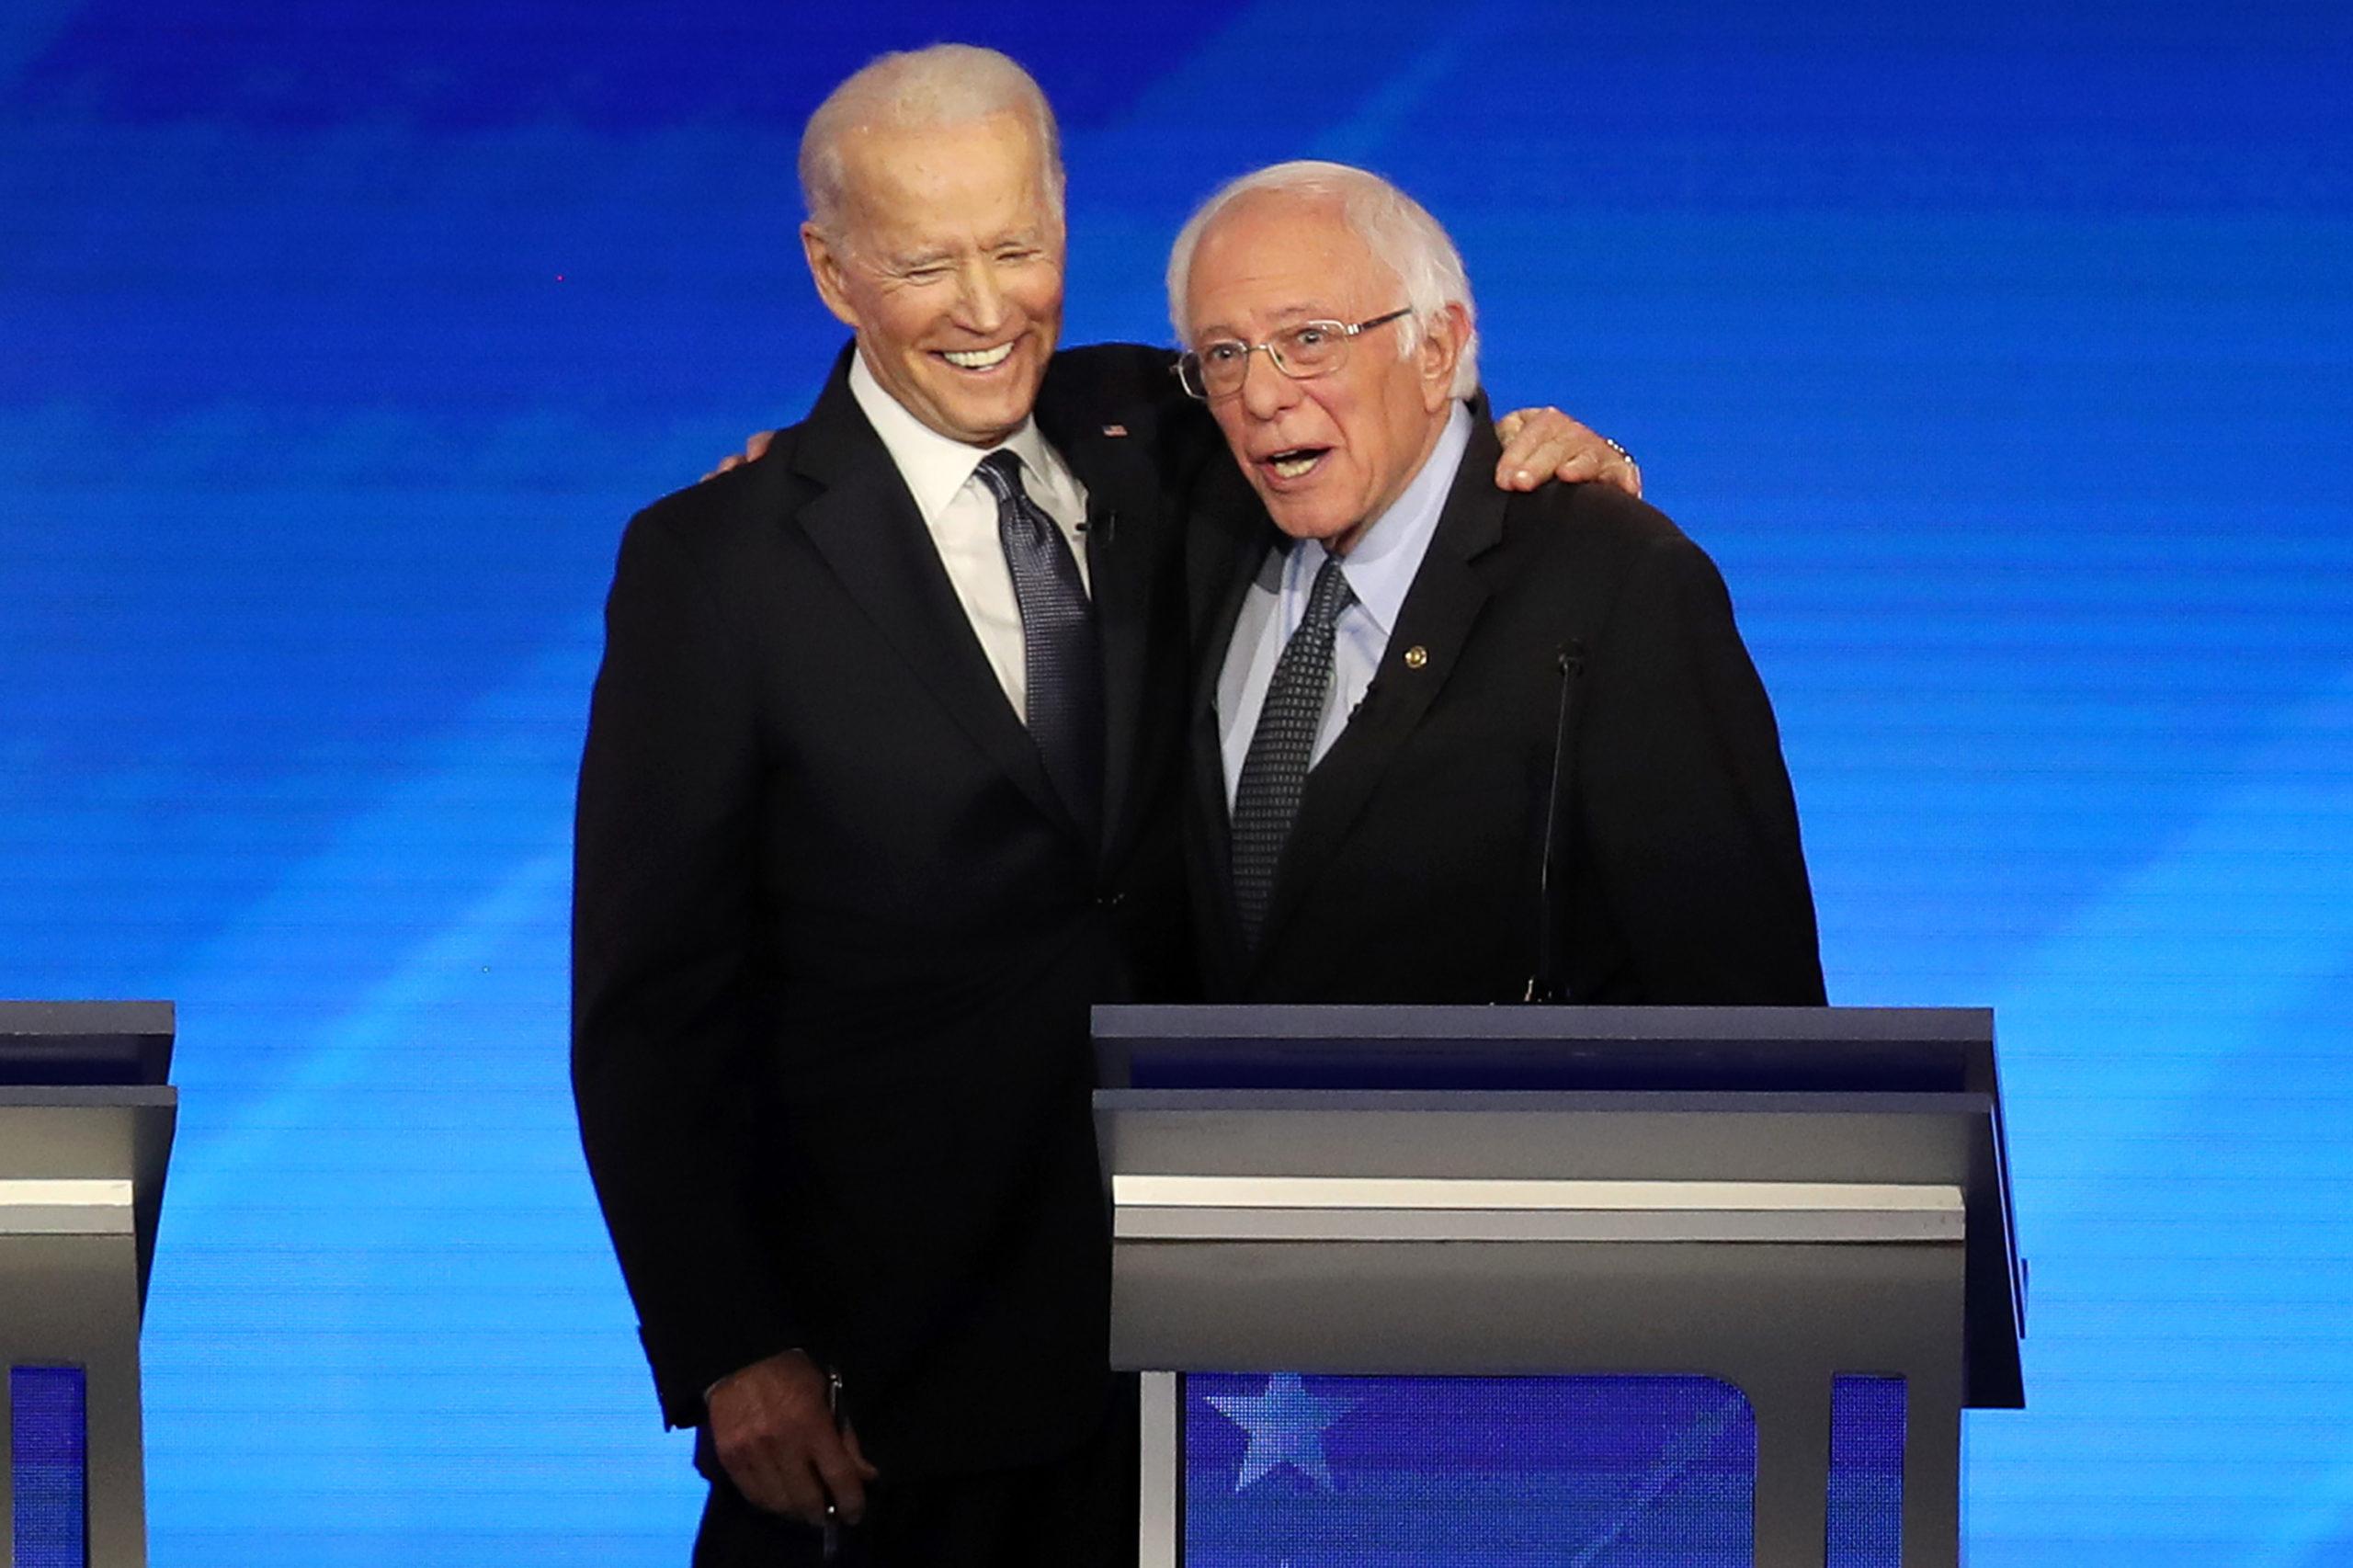 Vice President Joe Biden and Sen. Bernie Sanders embrace during the Democratic presidential primary debate on Feb. 7. (Joe Raedle/Getty Images)